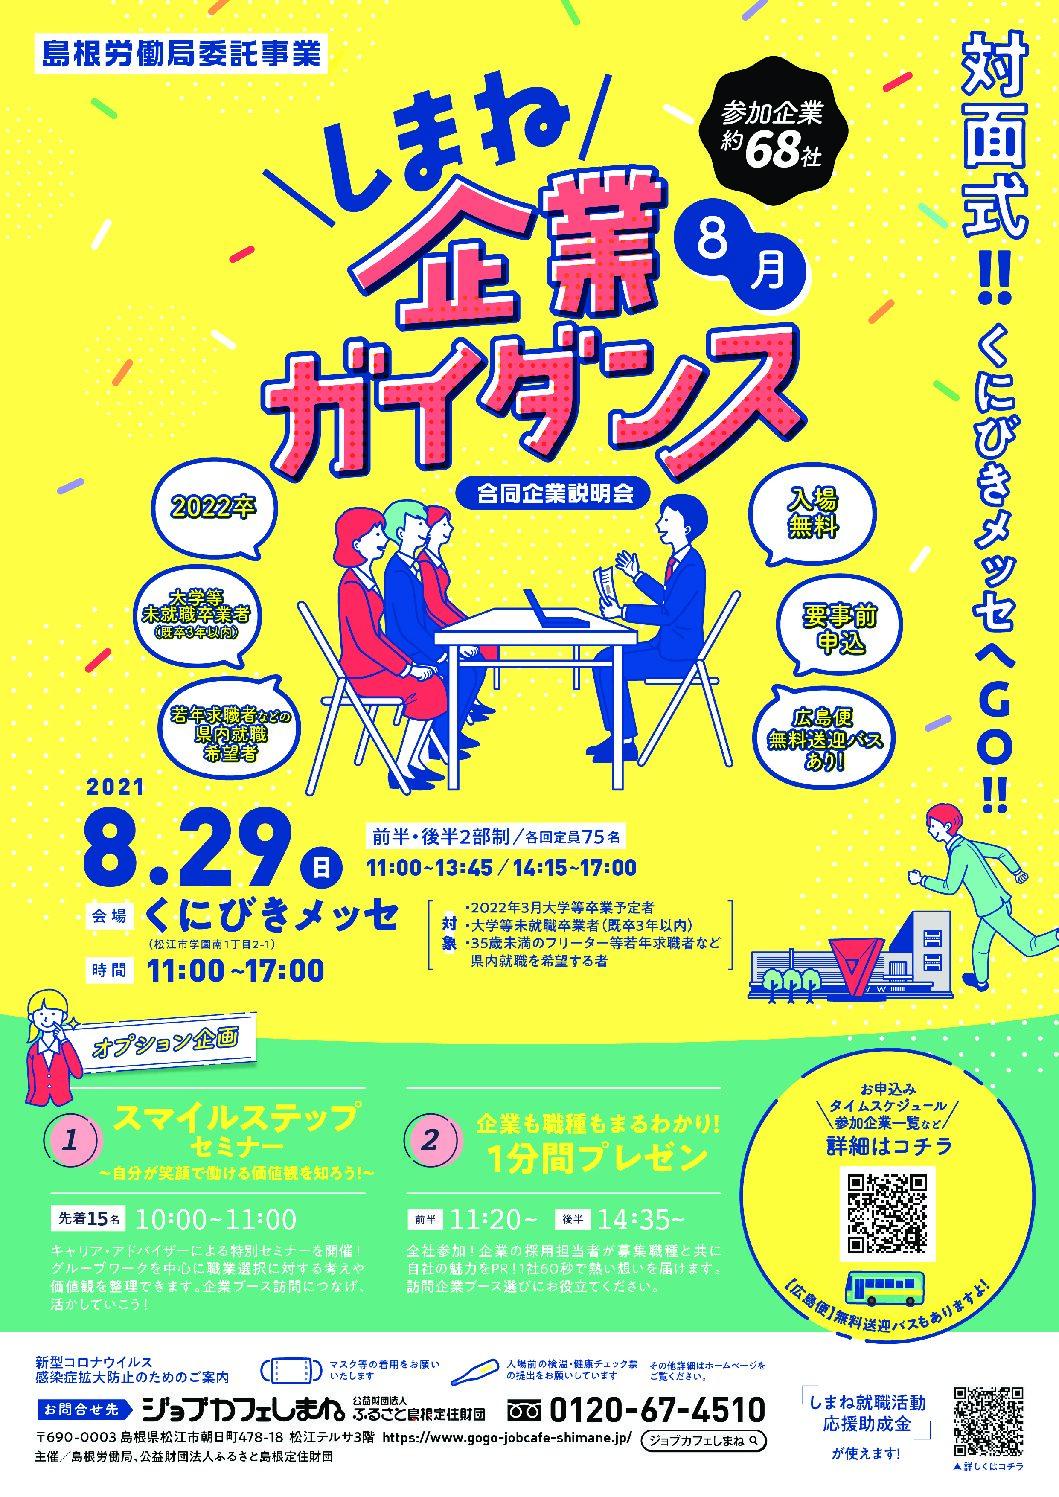 「8/29しまね企業ガイダンス」チラシ